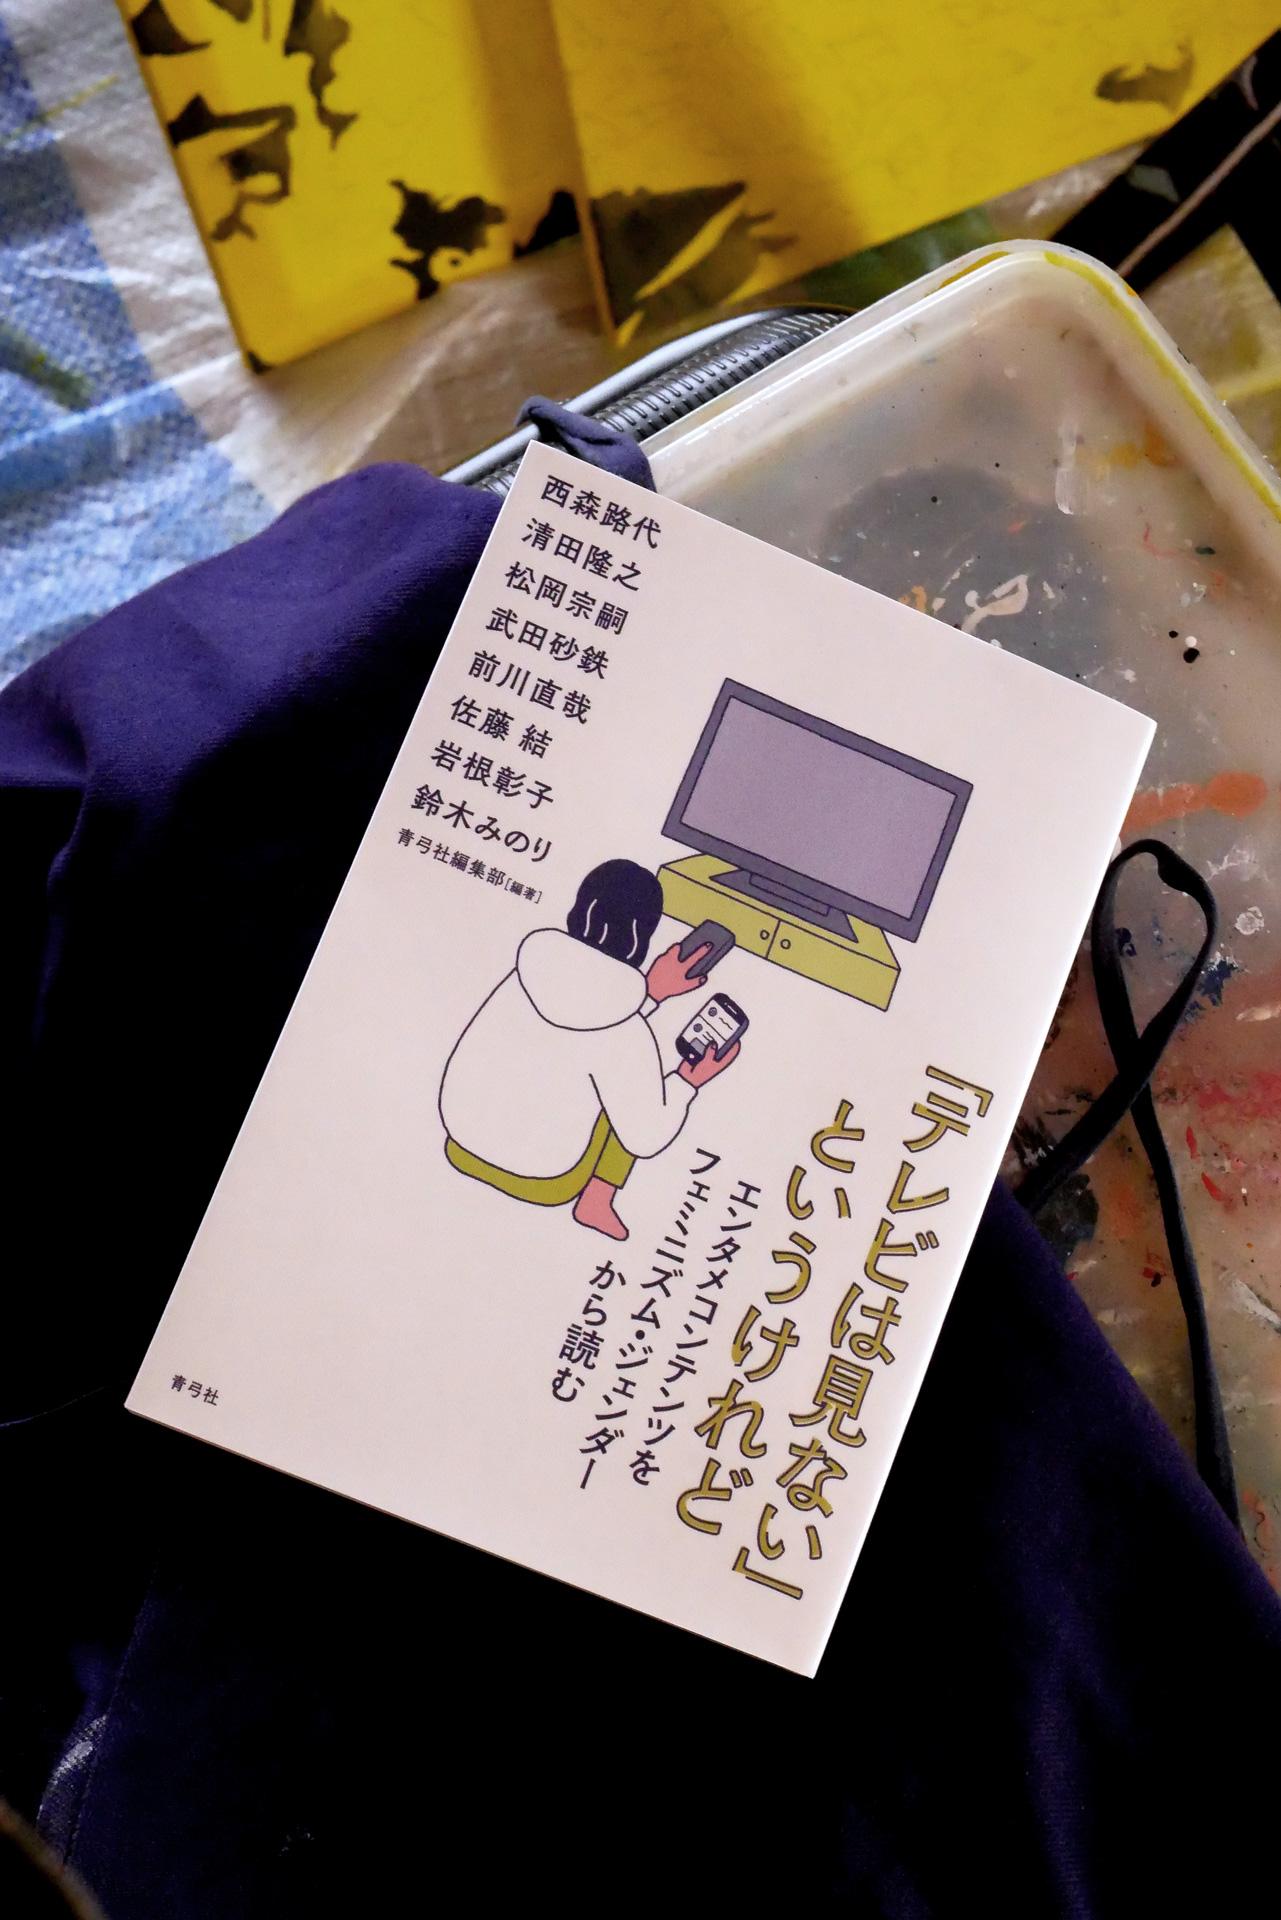 書籍「テレビは見ない」というけれど エンタメコンテンツをフェミニズム・ジェンダーから読む(青弓社編集部 (著, 編集)/青弓社)」の表紙画像